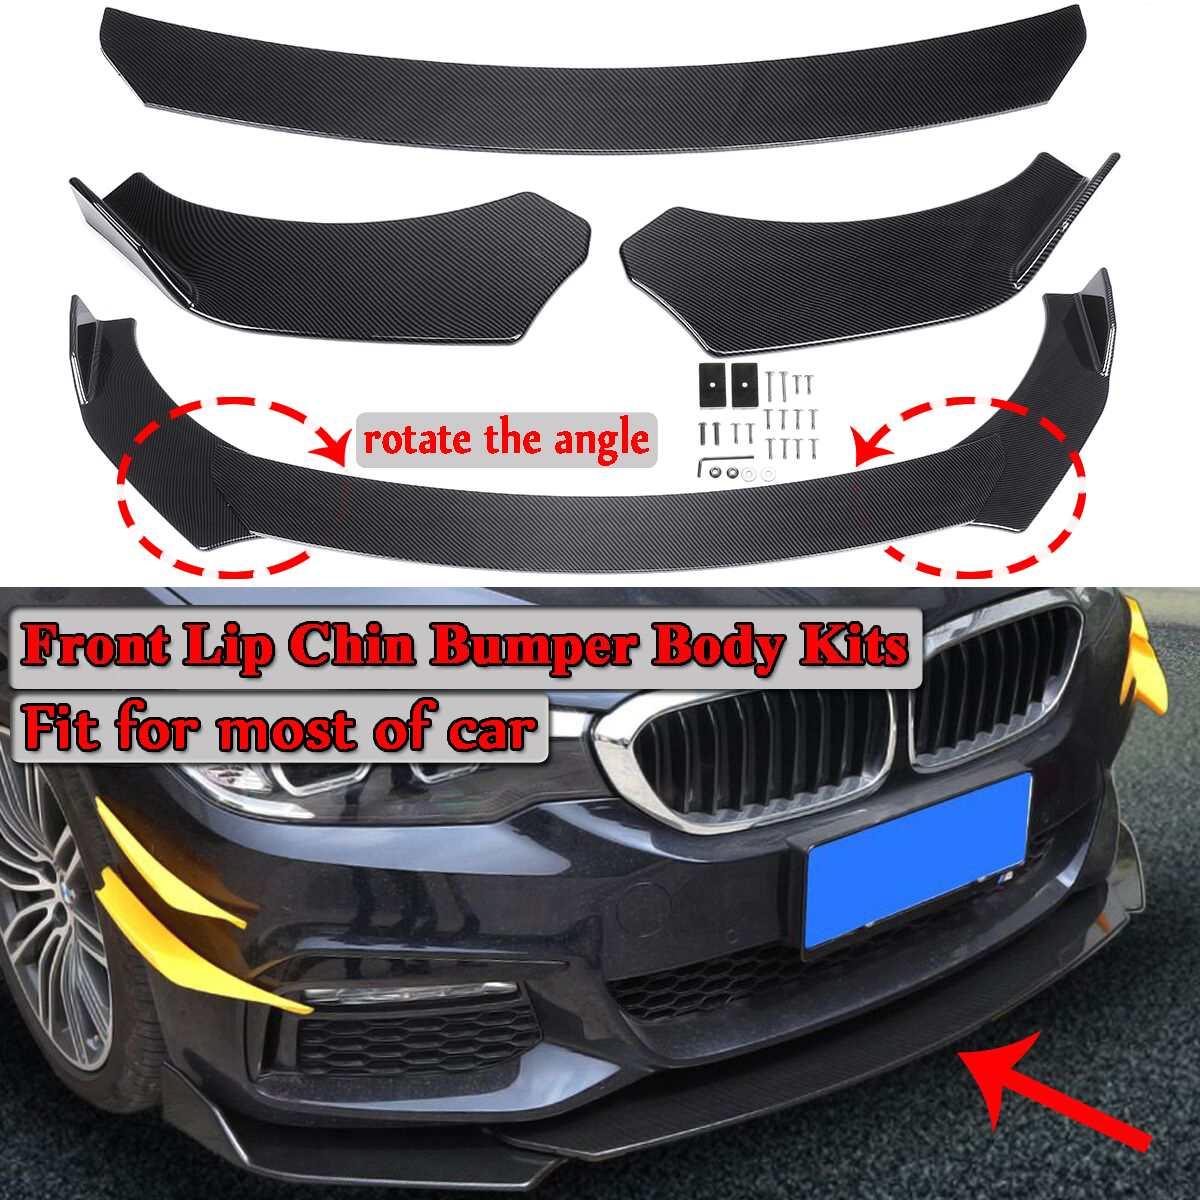 Carbon Fiber Look/Zwart Universele Auto Voorbumper Lip Body Kits Splitter Diffuser Voor Bmw Voor Benz Voor Audi voor Vw Voor Subaru